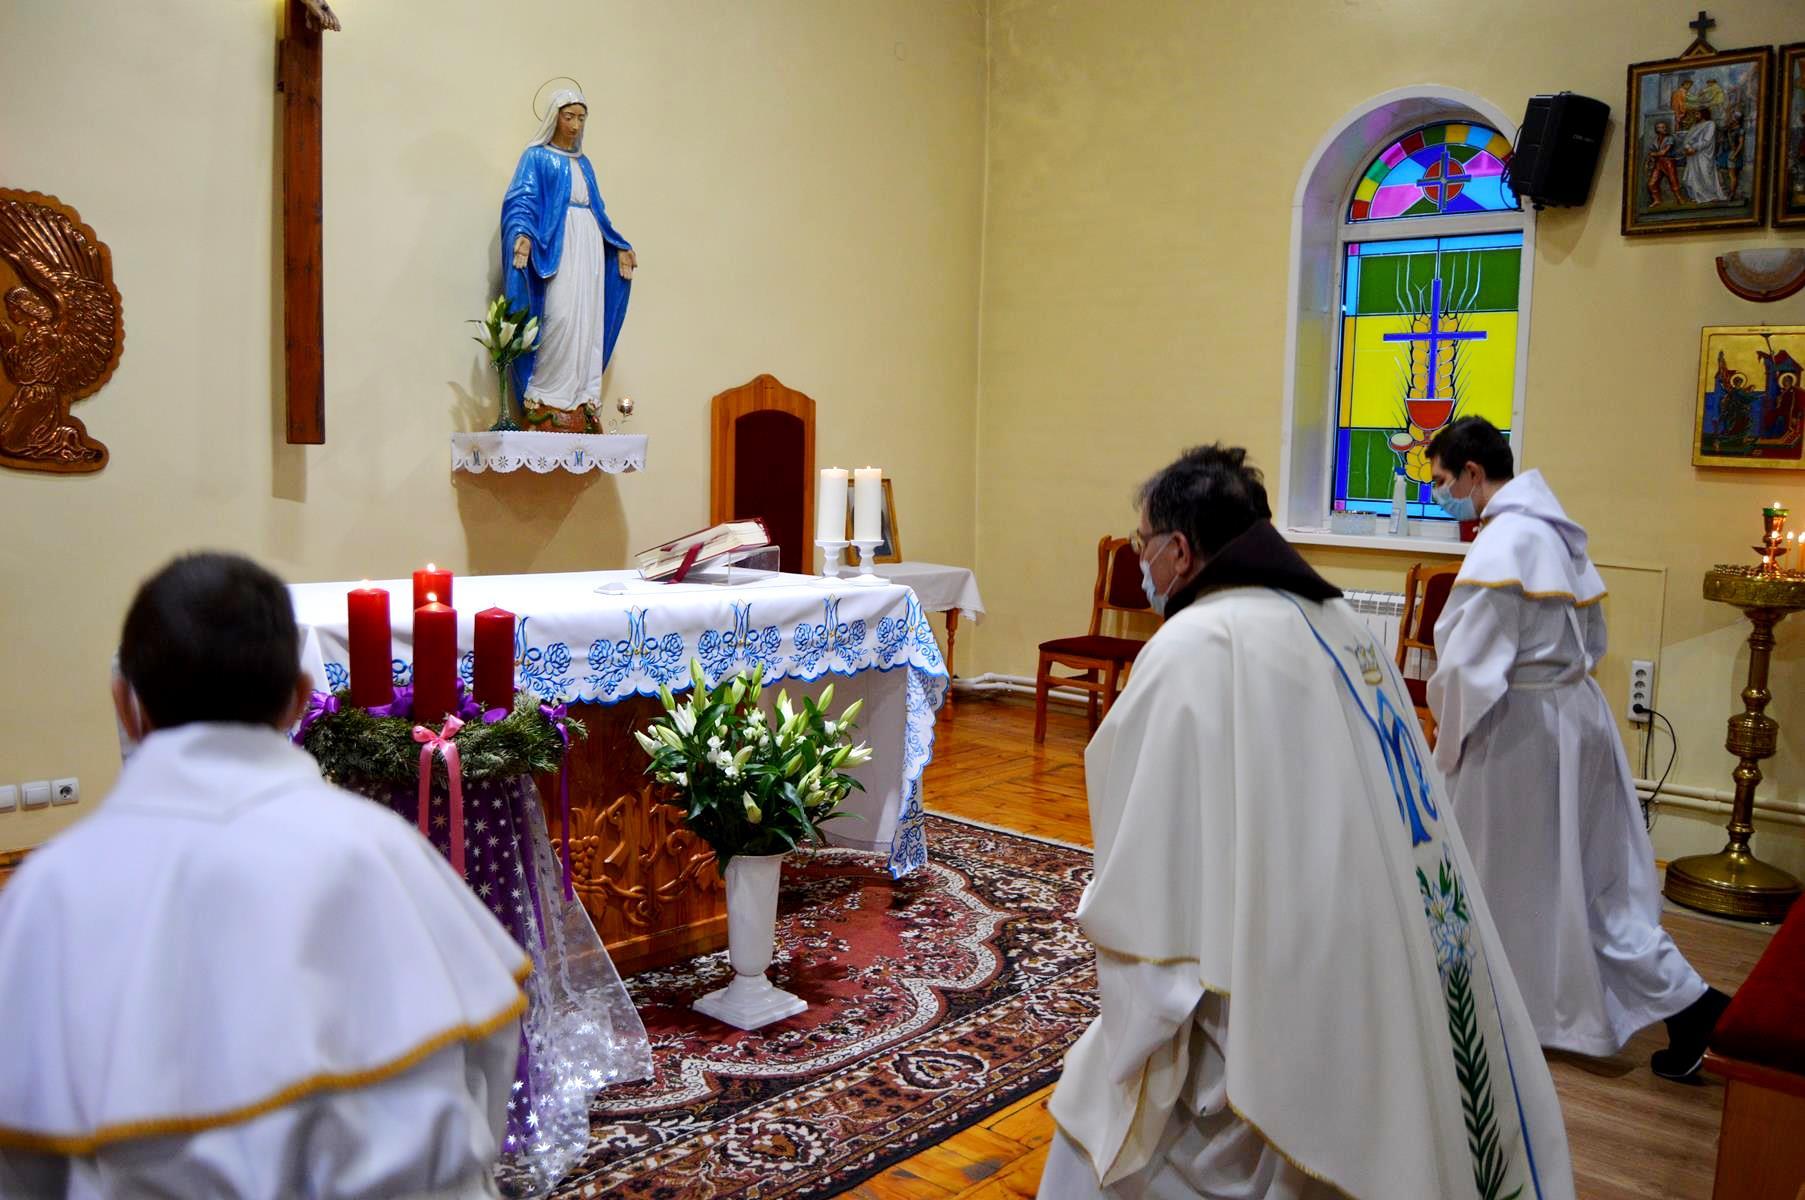 «Воскресенье радости» и престольный праздник в приходе новосибирских францисканцев (+ ФОТО)